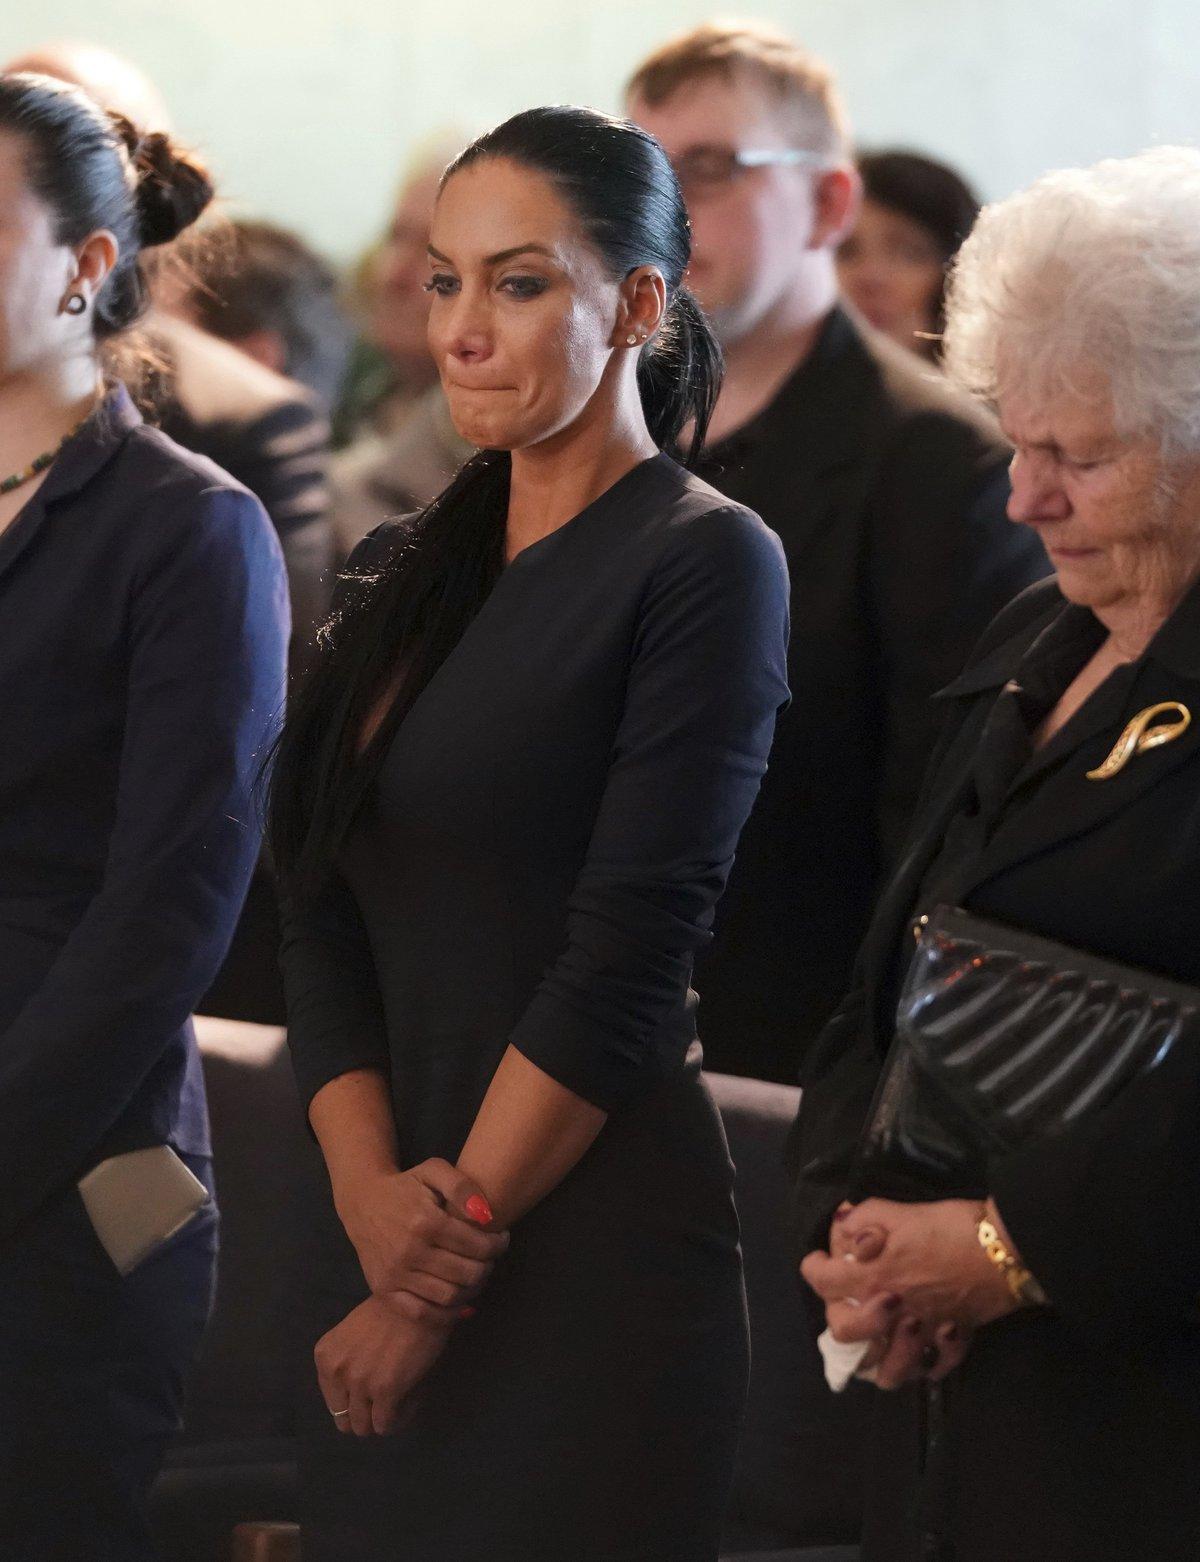 Pohřeb Jiřího Pomeje: Vdova Andrea Pomeje